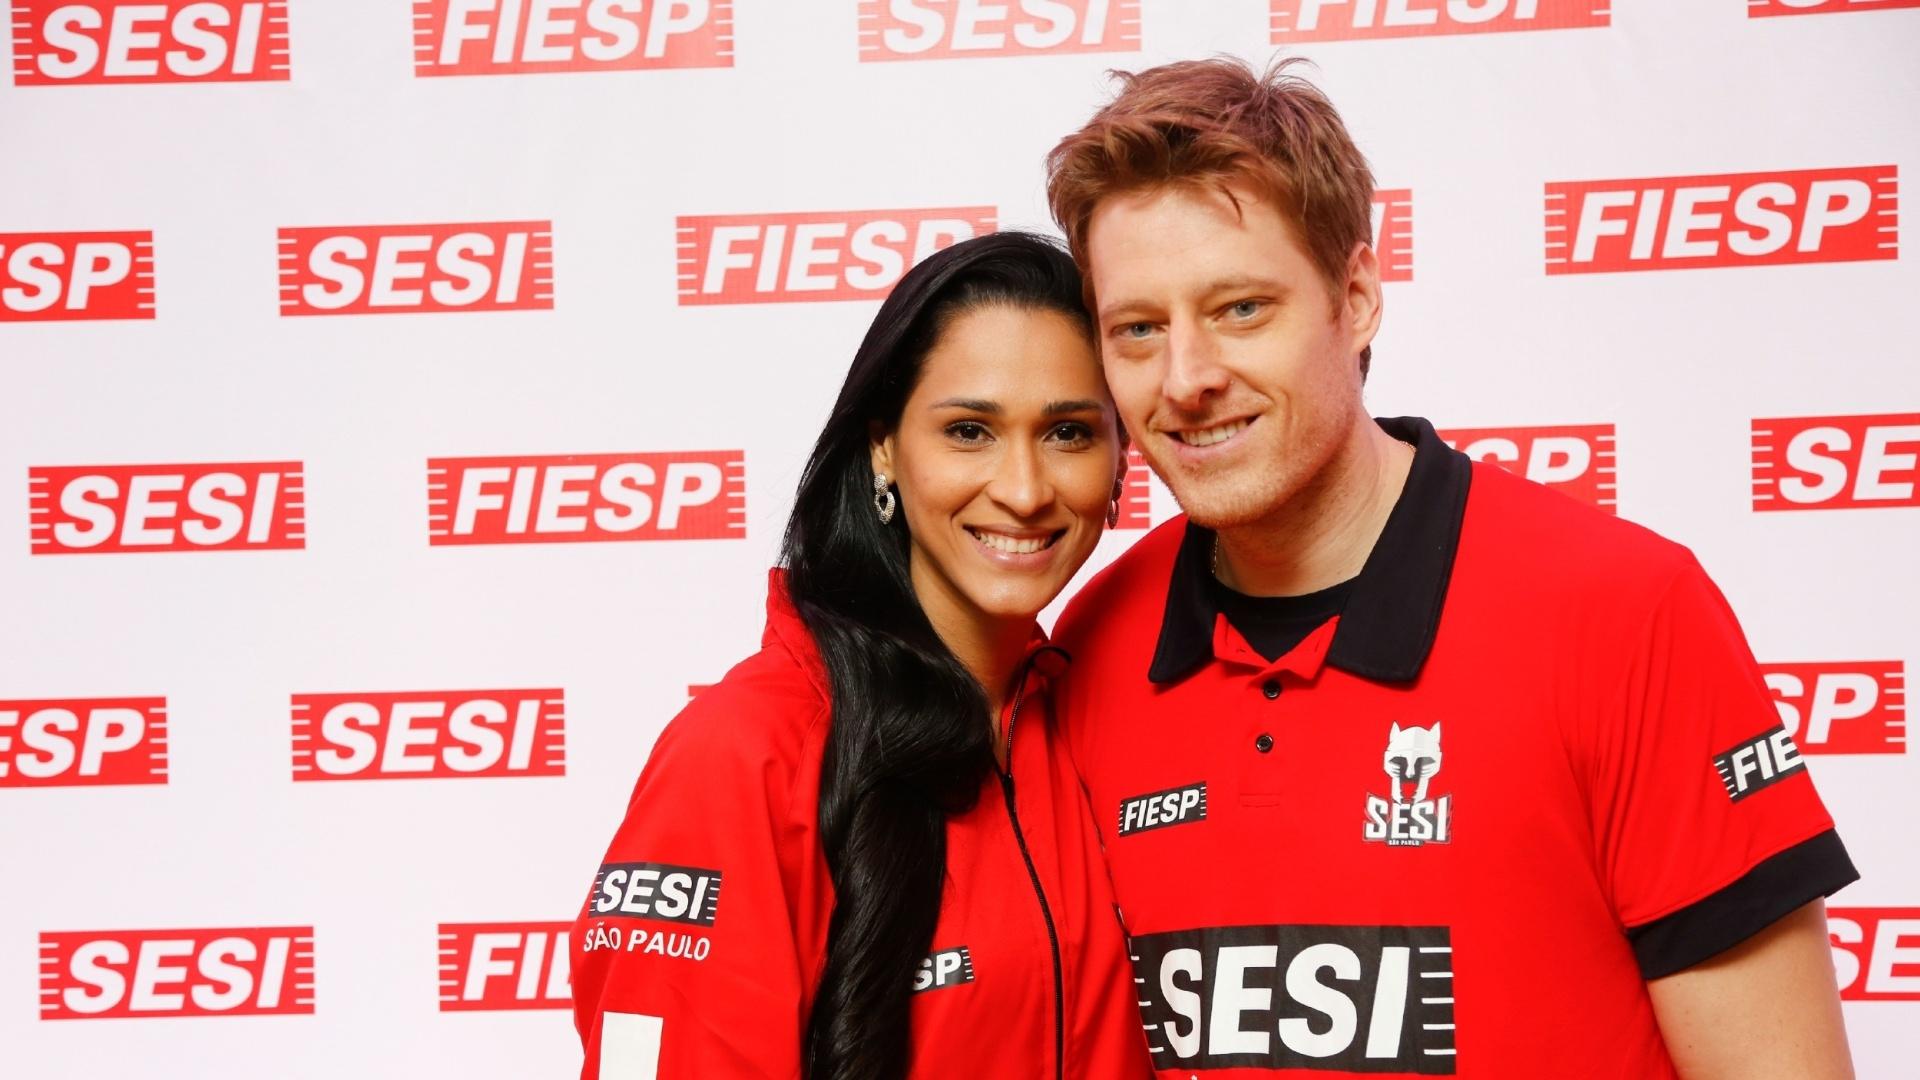 Jaqueline e Murilo jogarão pelo Sesi na temporada 2015/2016